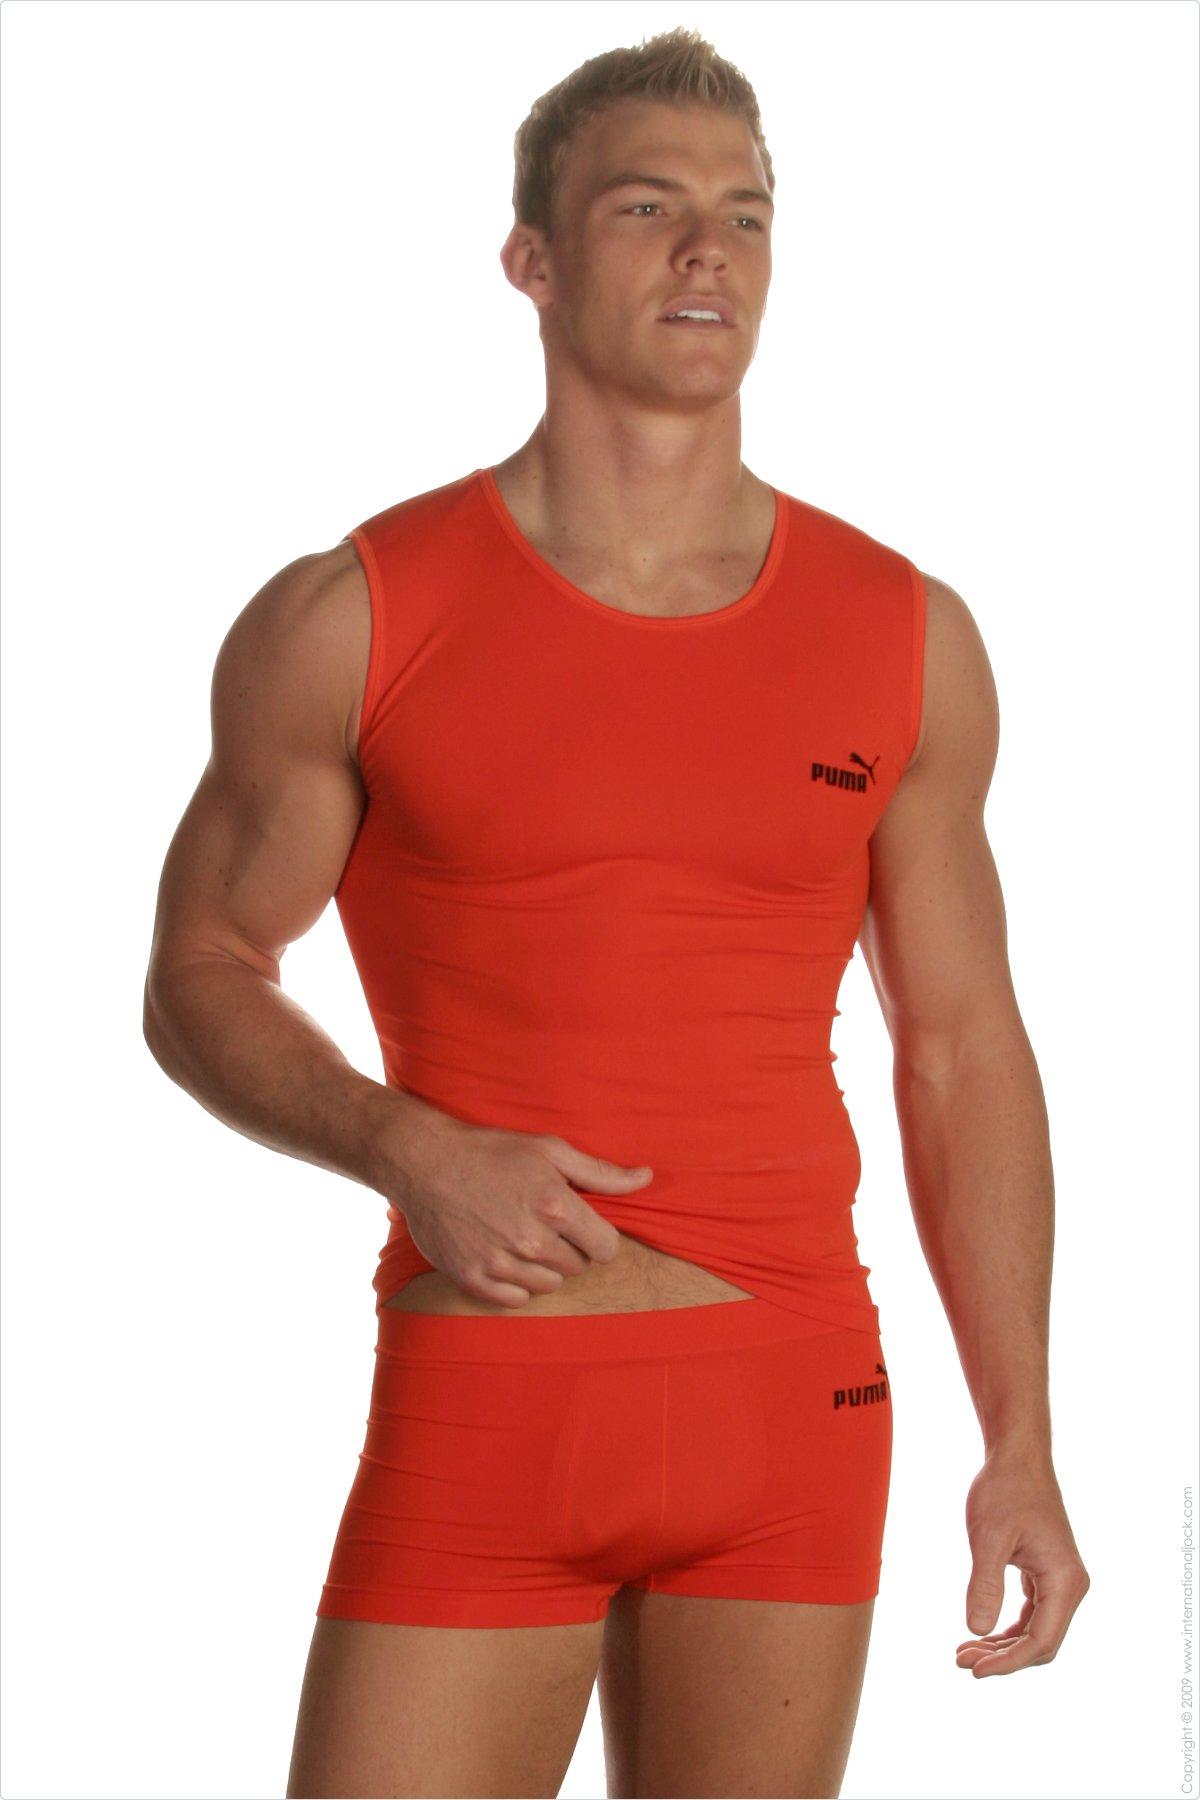 Alan ritchson y sus inicios como modelo de ropa interior for Franquicias de ropa interior